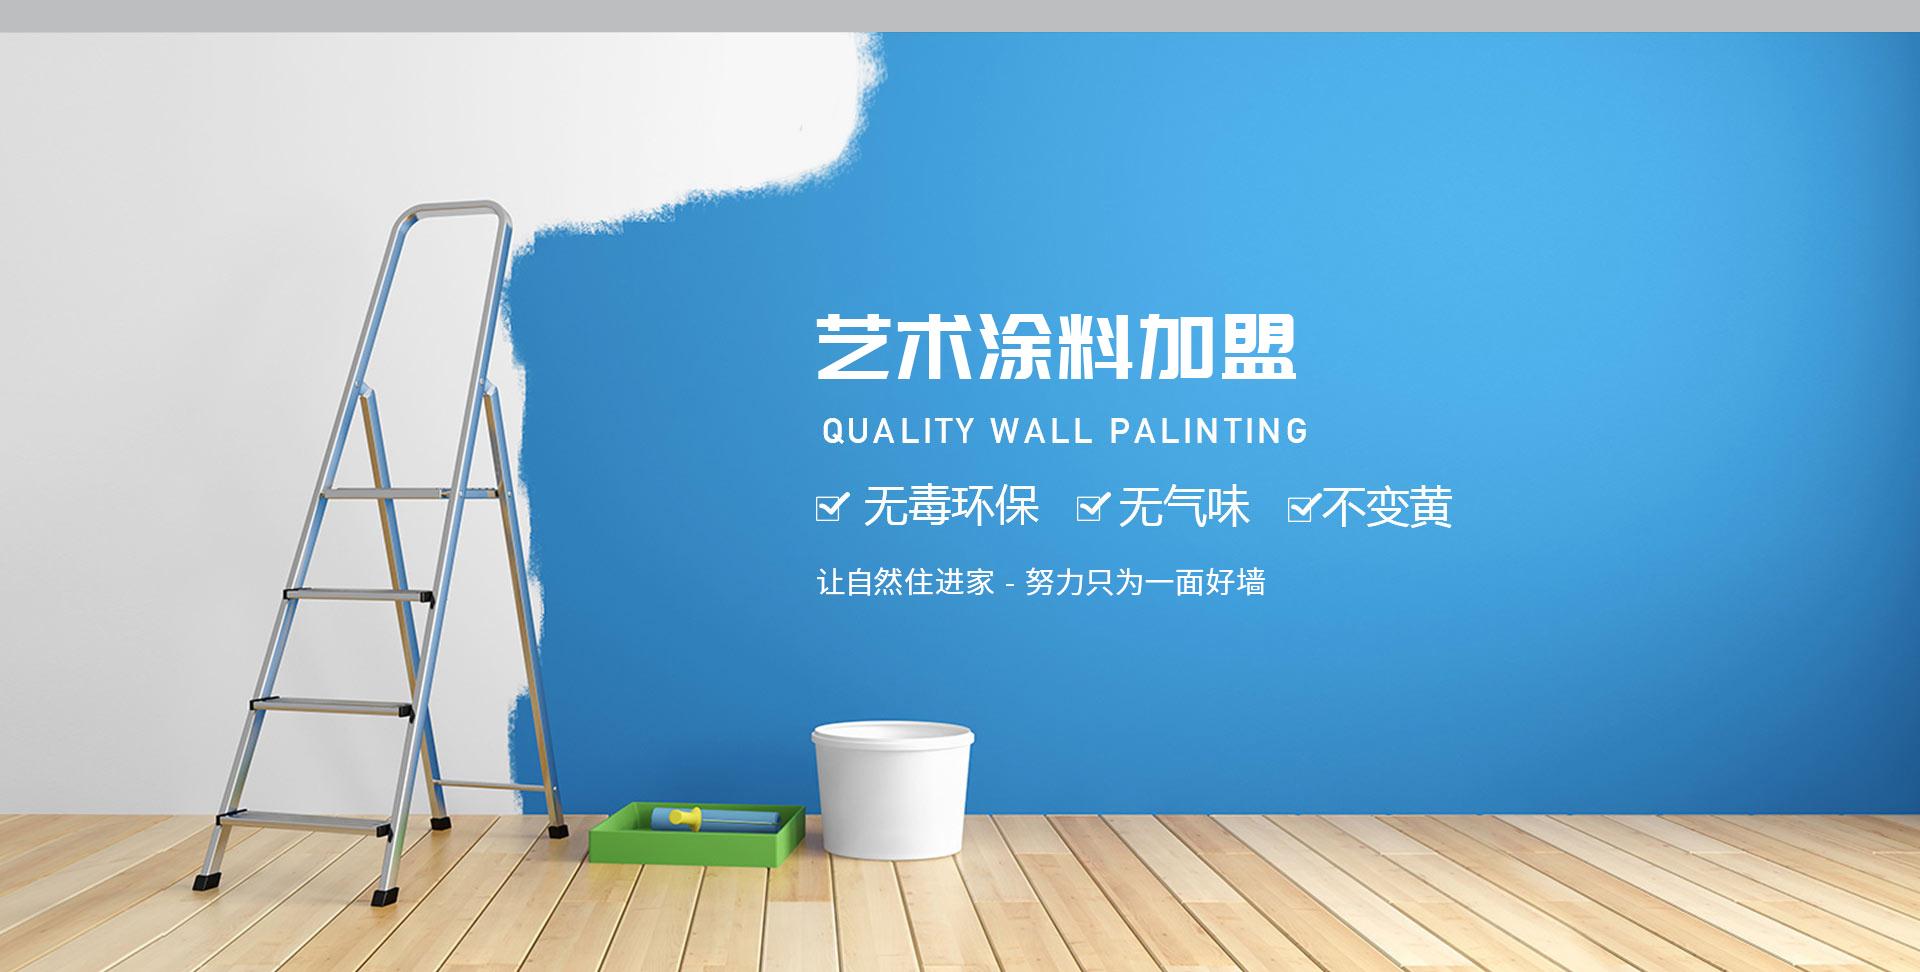 重庆真石漆厂家